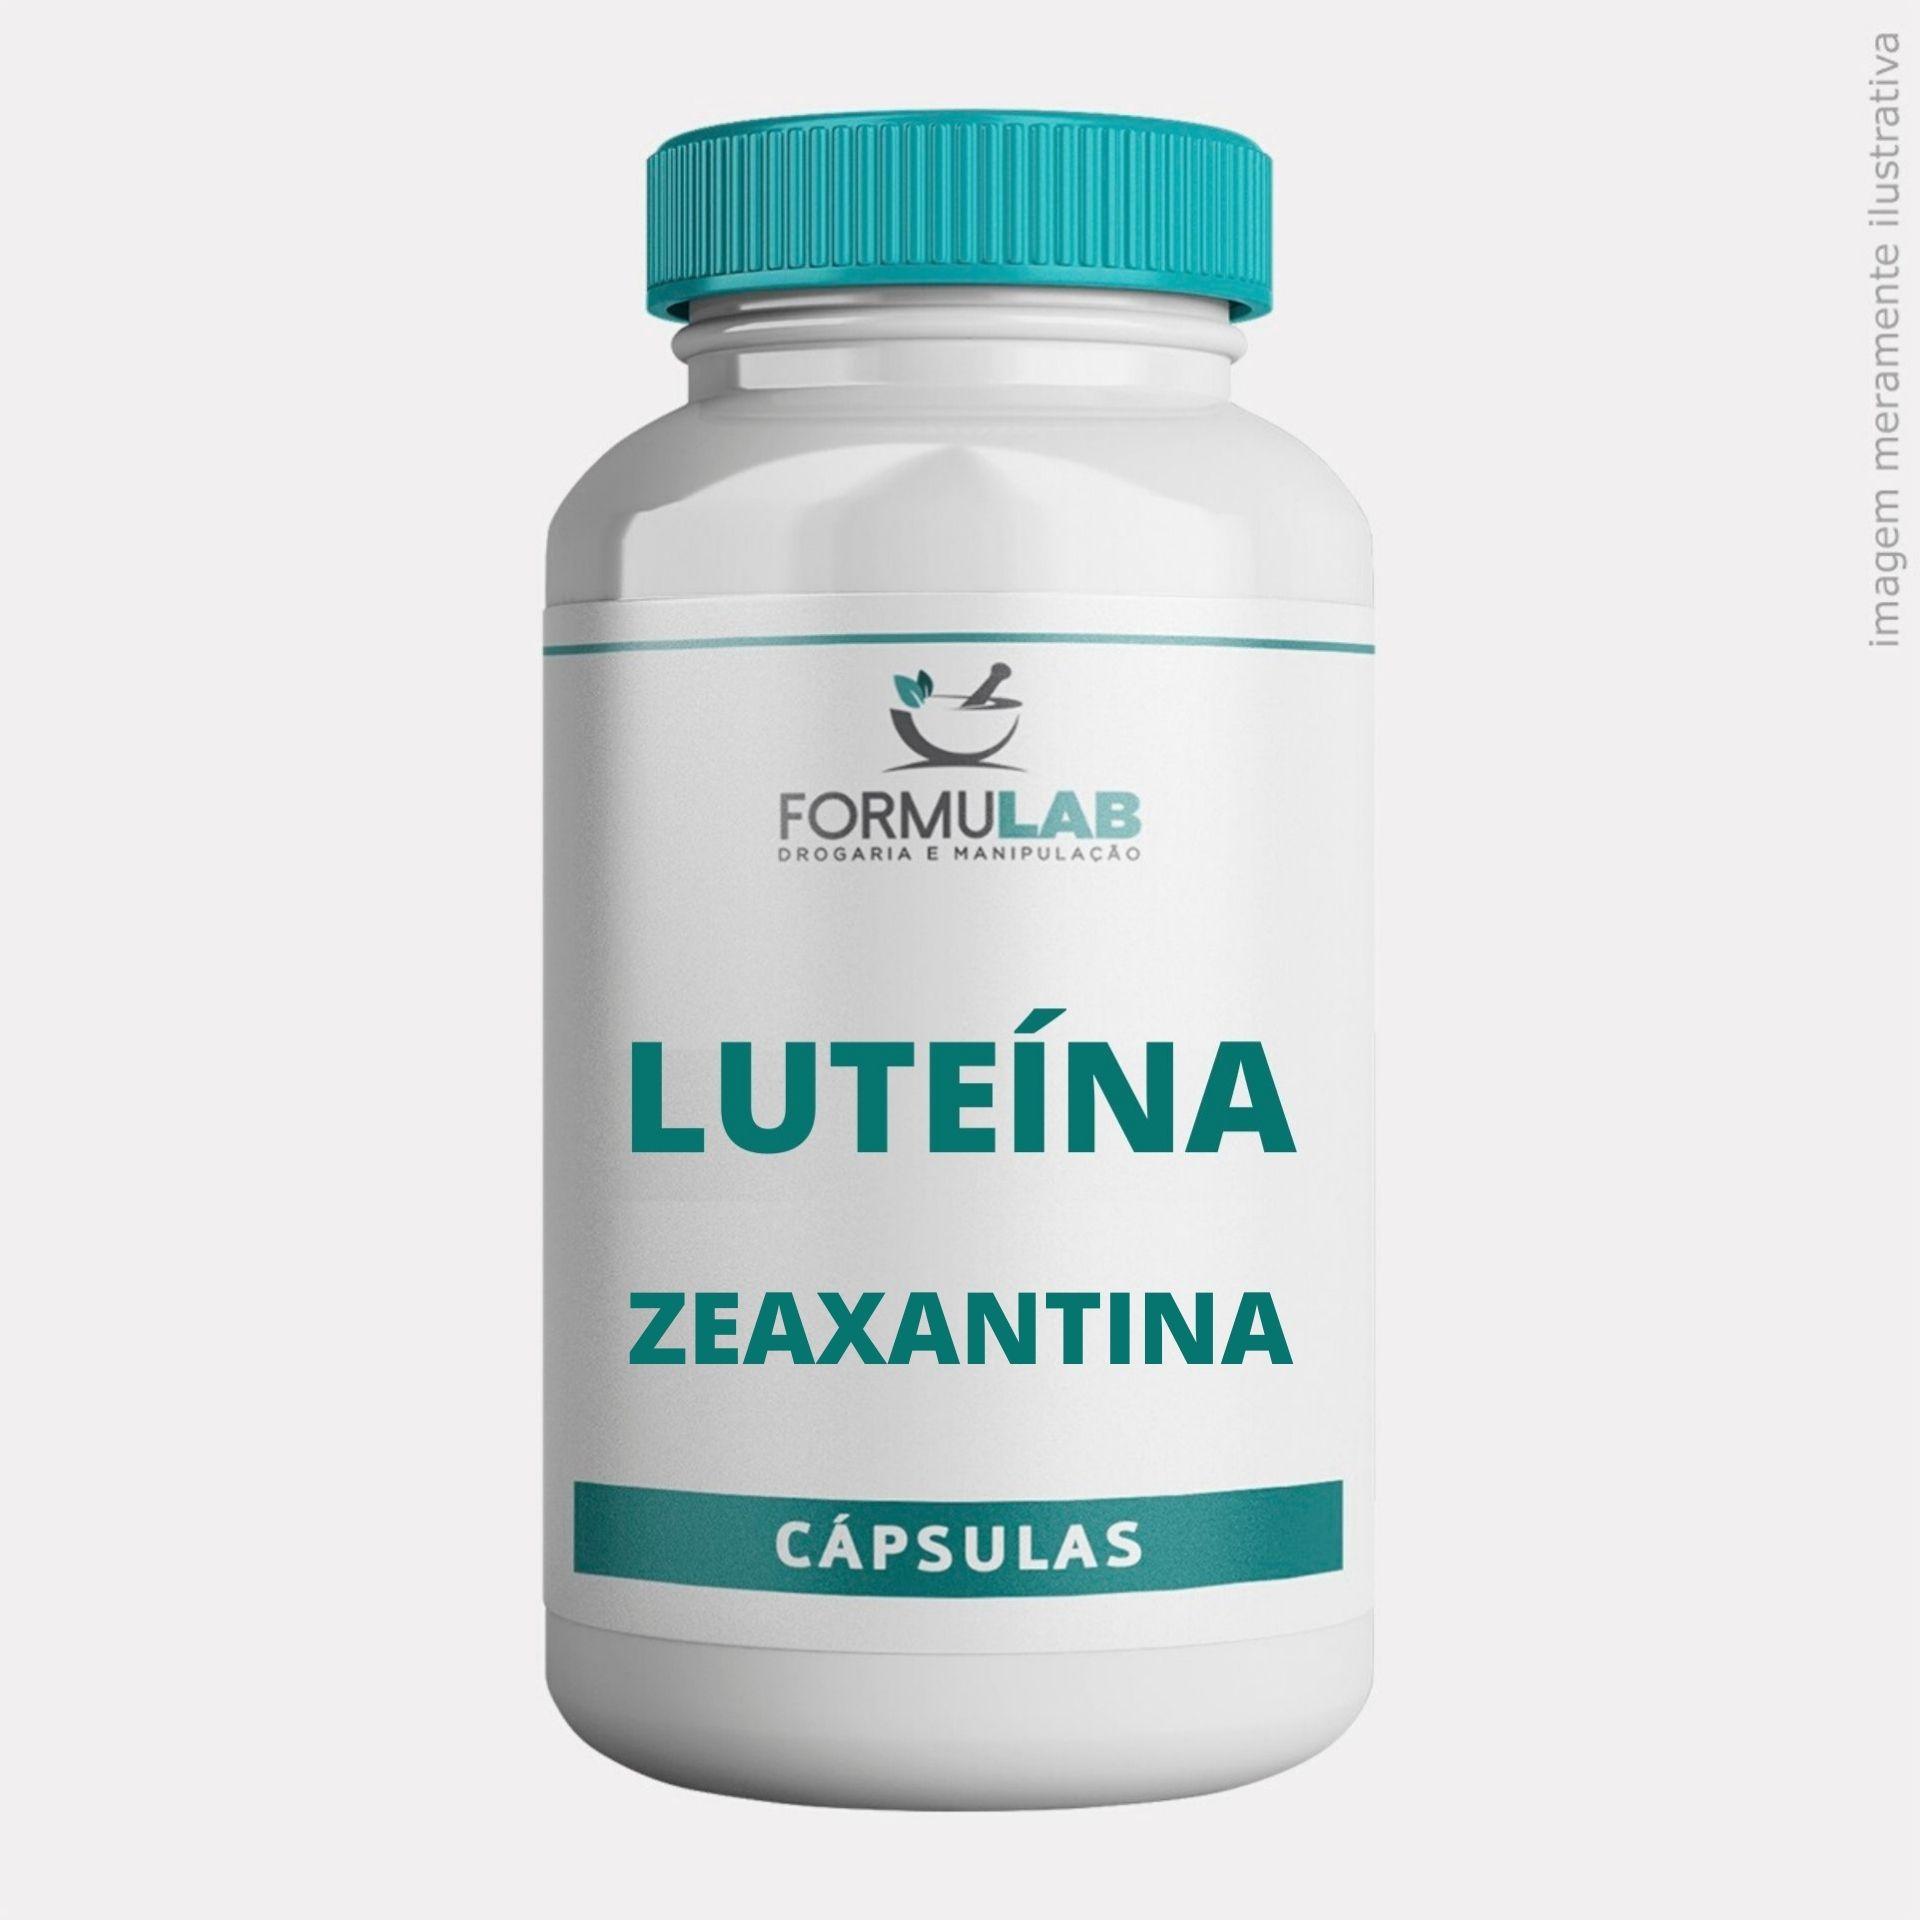 Luteína 20mg + Vitamina A 5.000ui + Zeaxantina 1,5mg